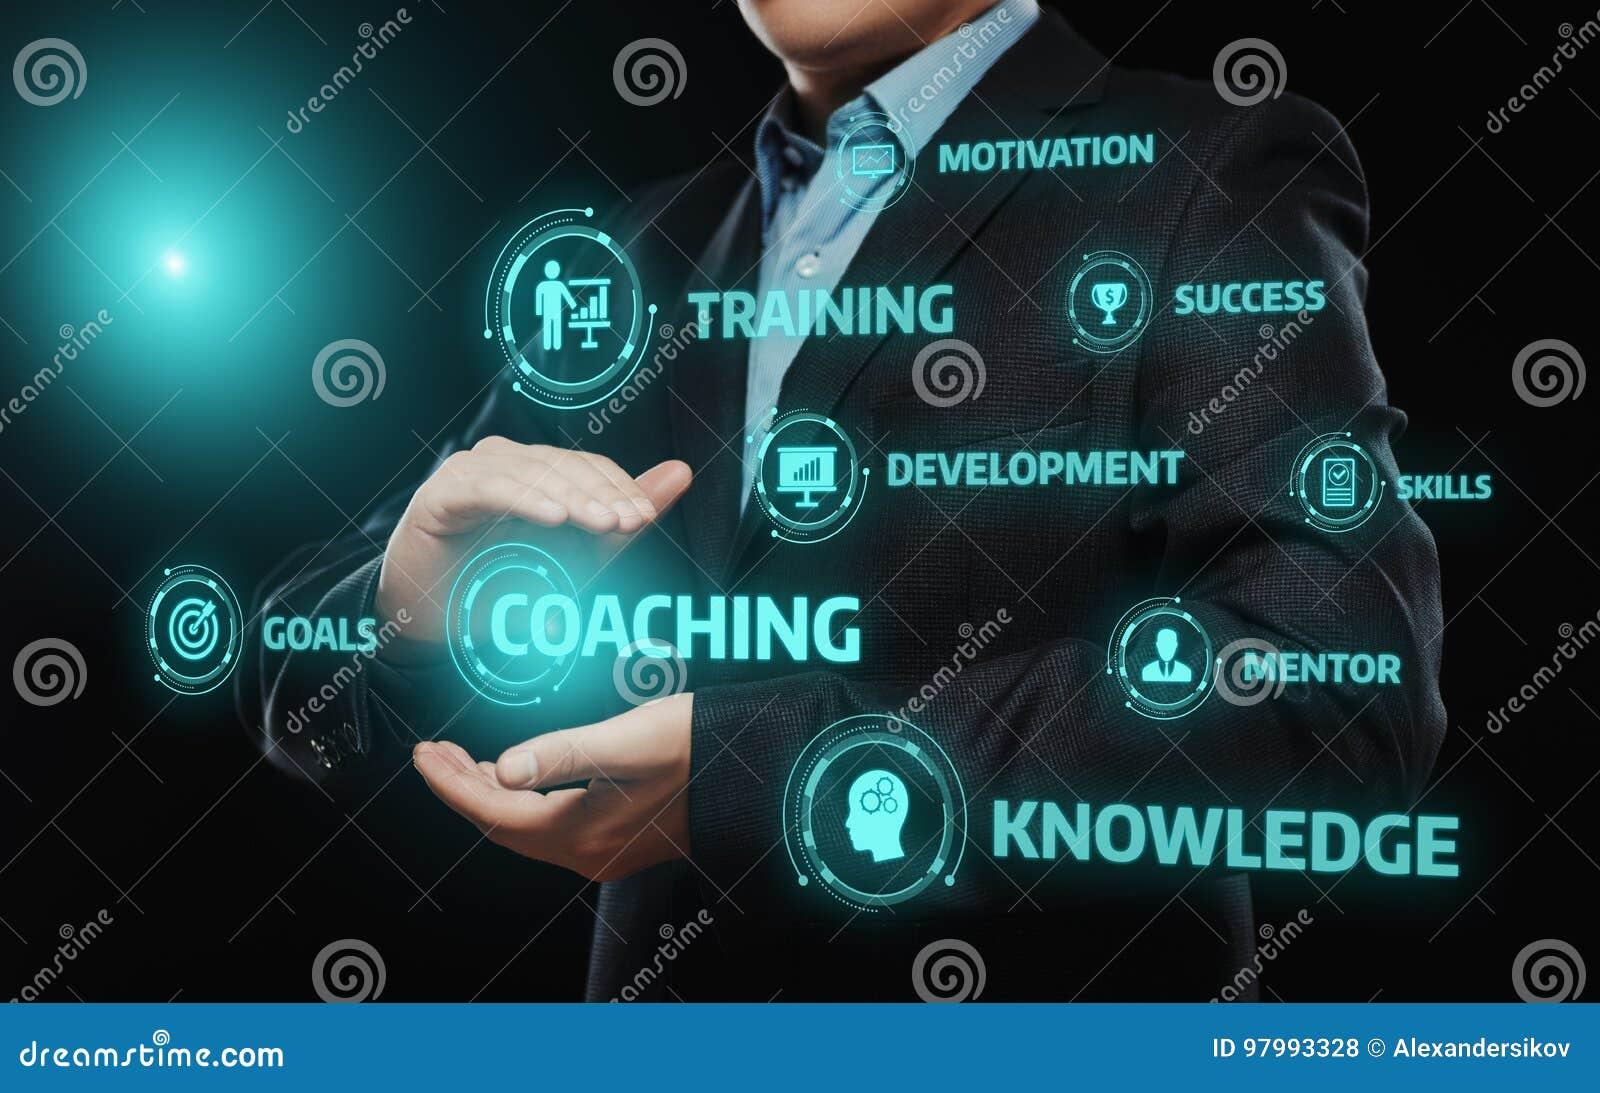 Anleitung des Förderungs-Bildungs-Geschäfts-Trainings-Entwicklungs-E-Learning-Konzeptes